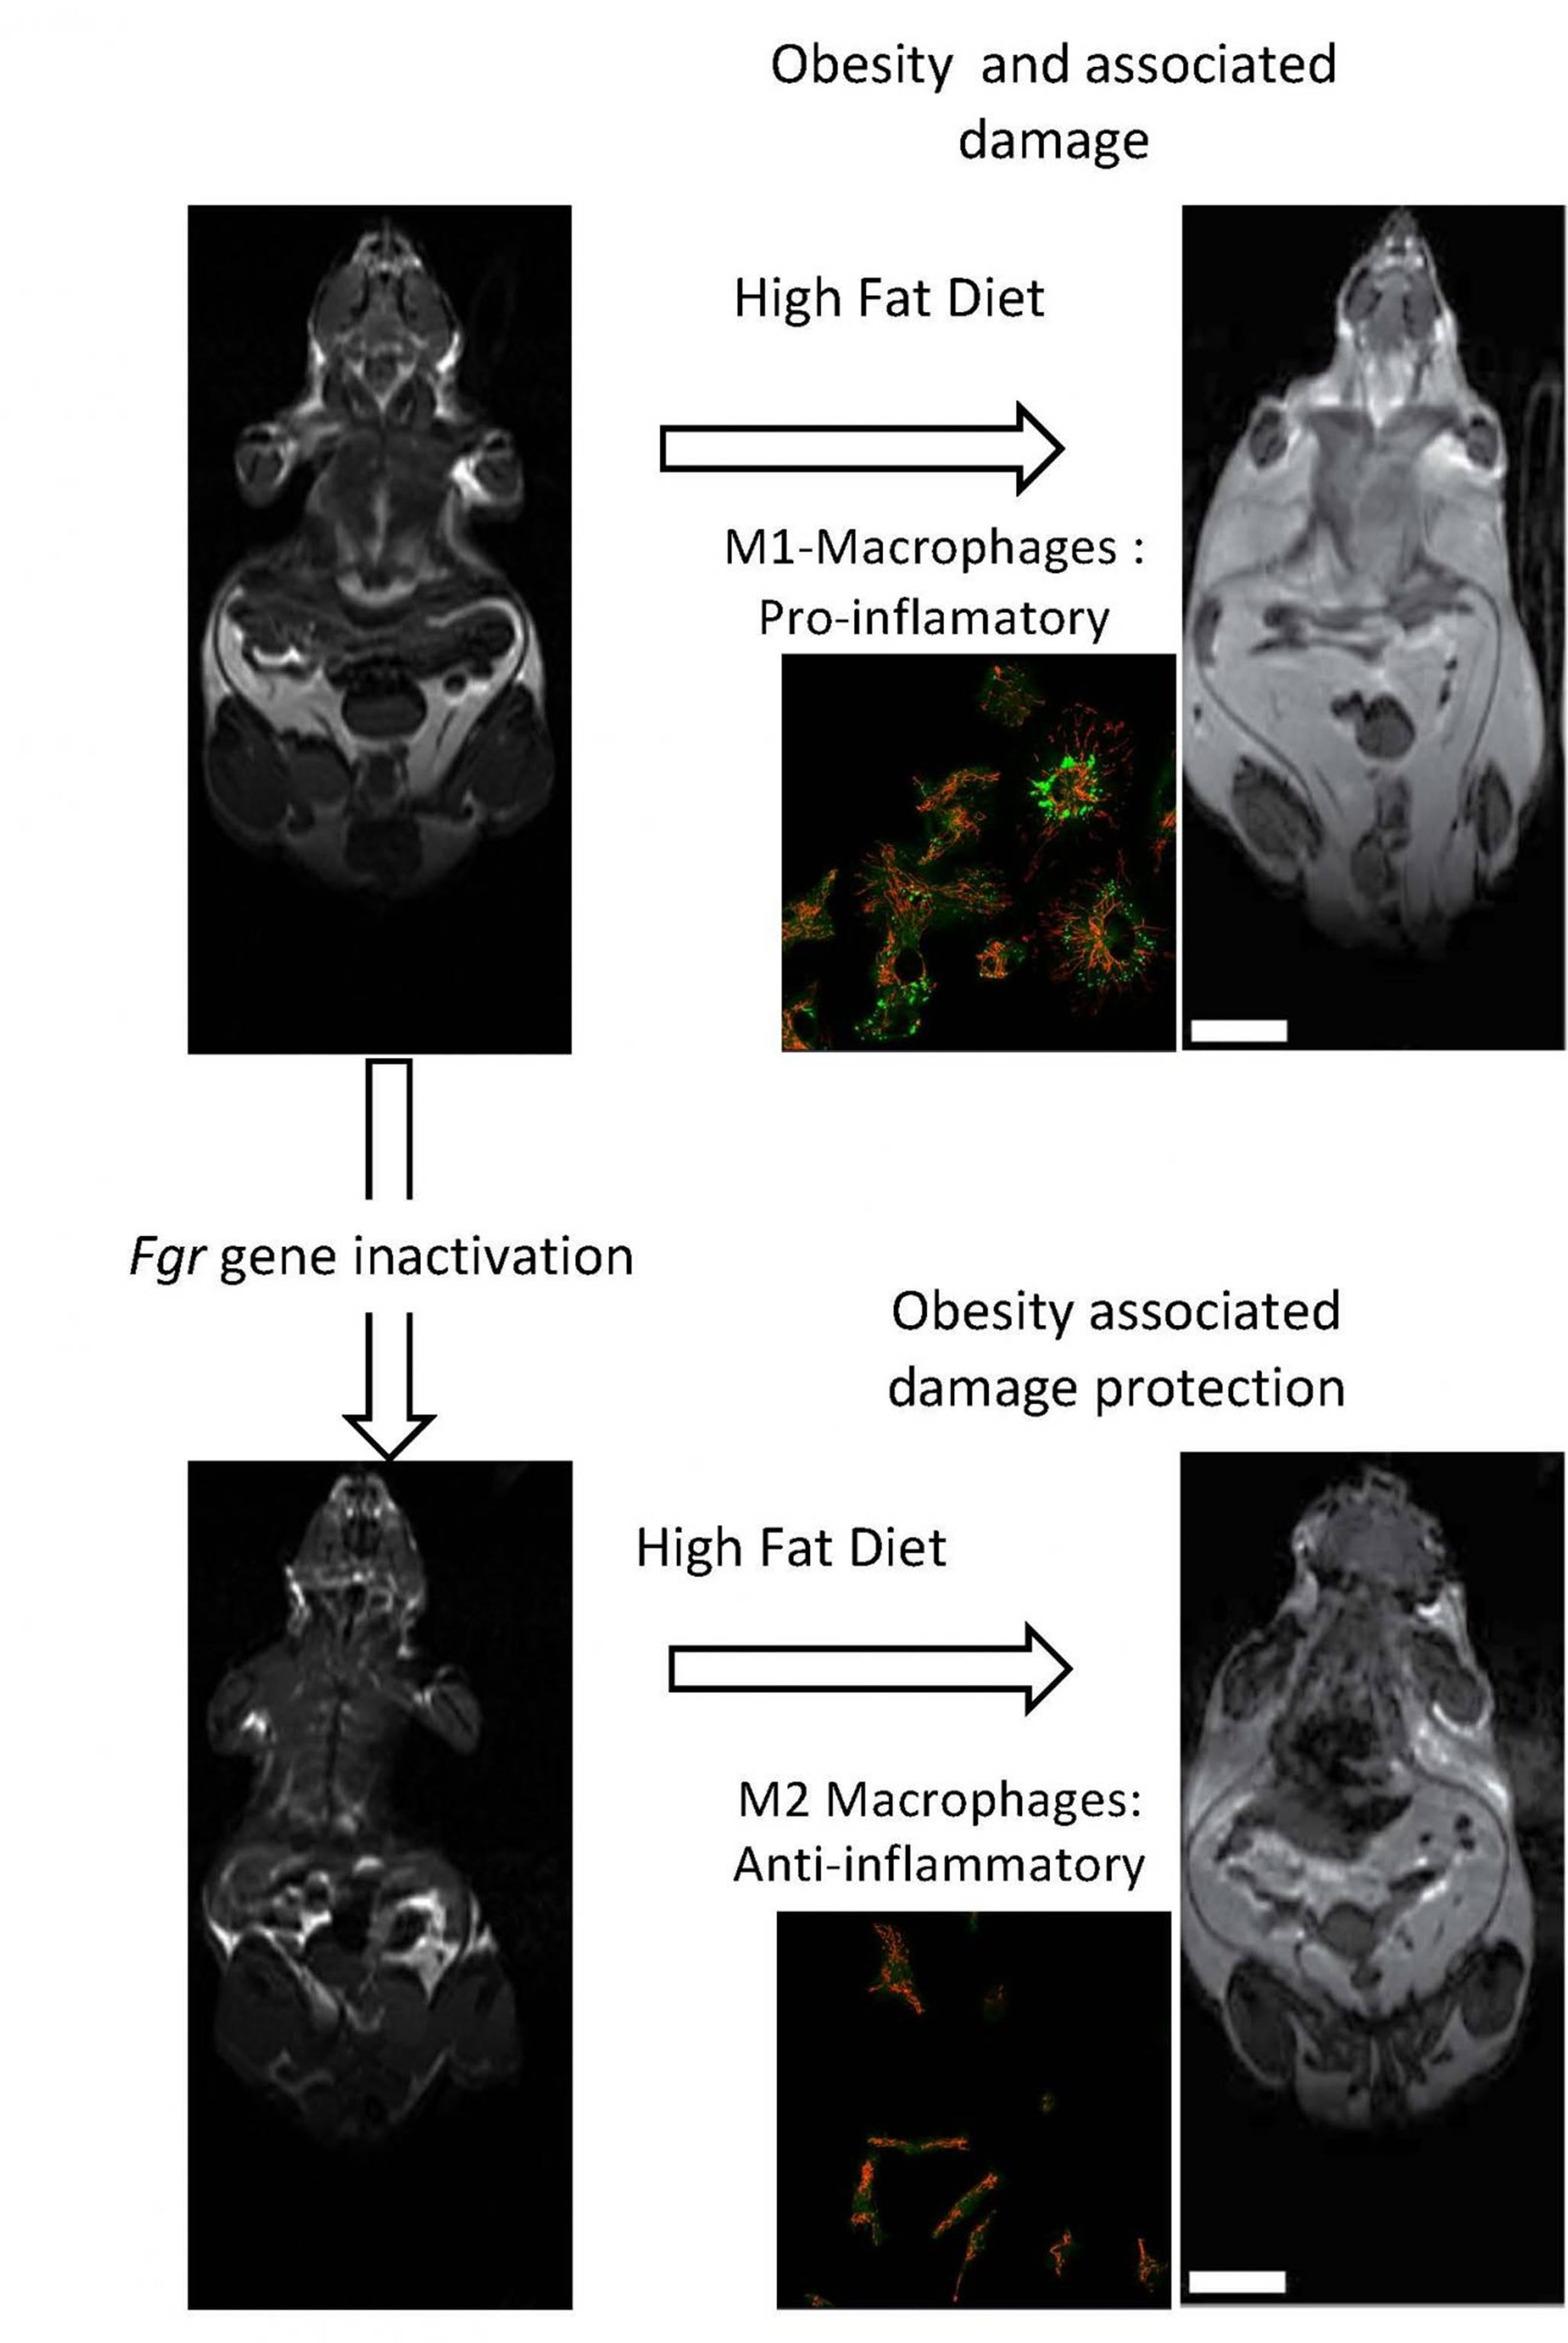 How immune cells regulate obesity